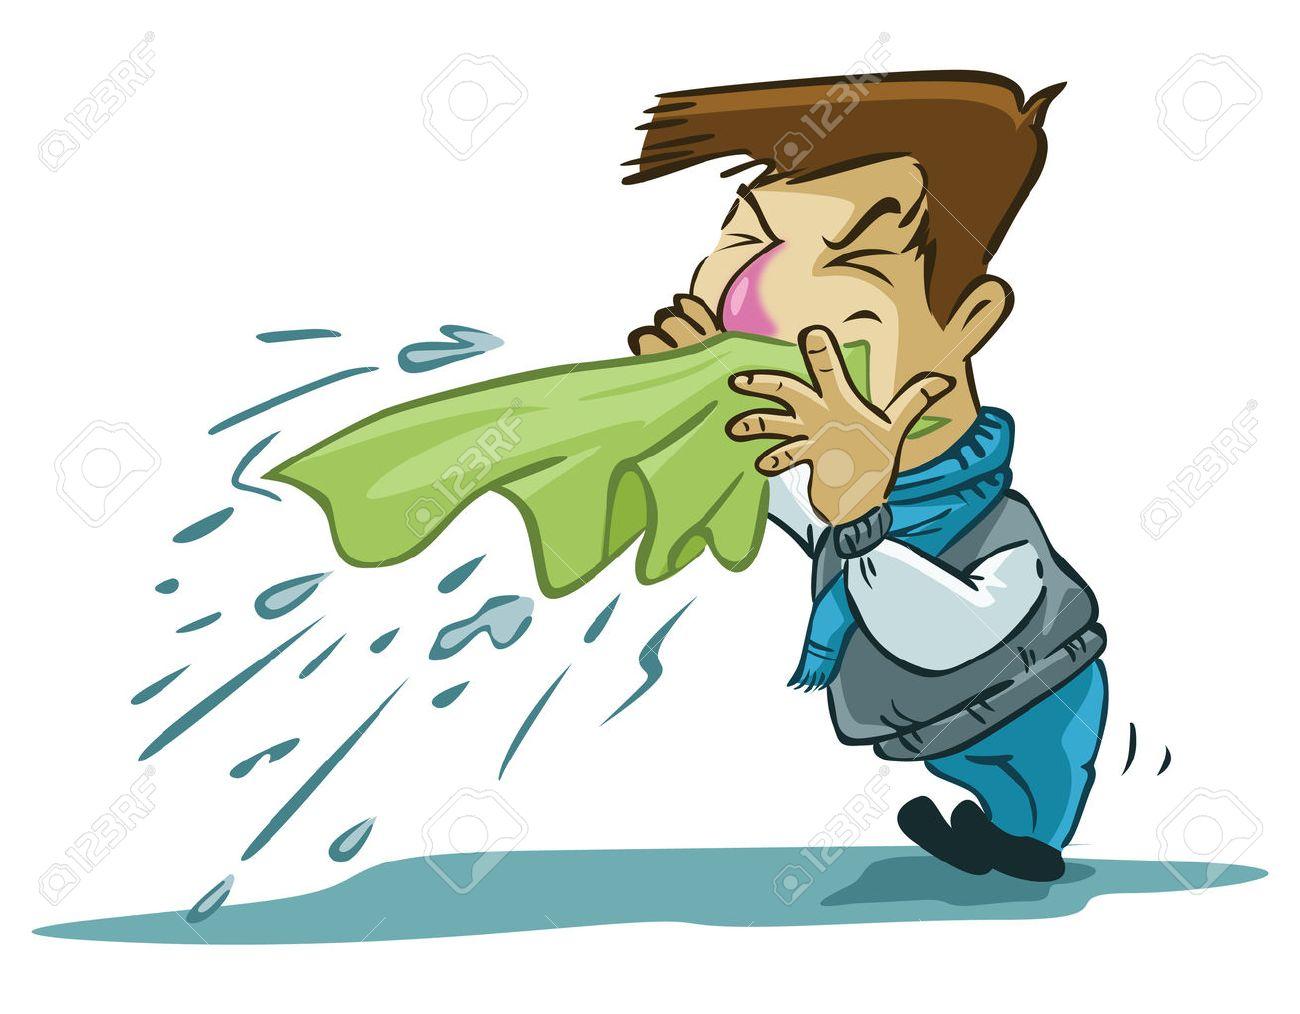 sneezes man - 39279426